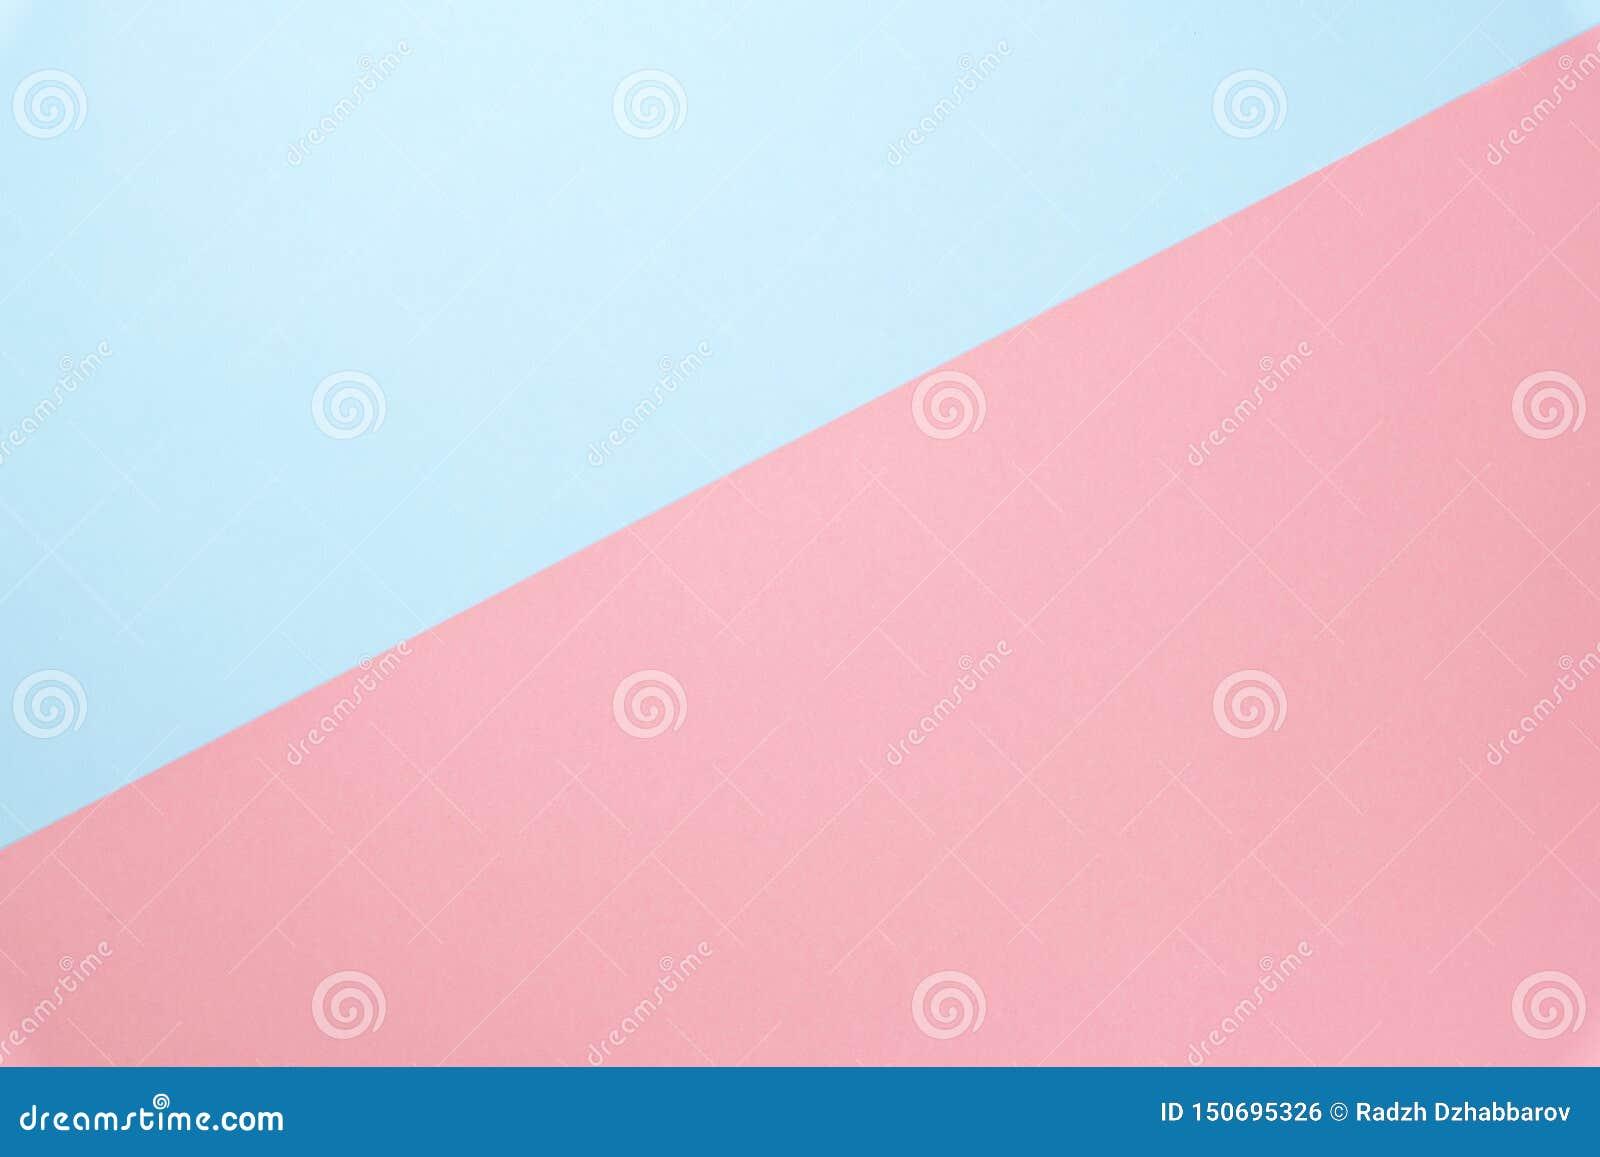 Bleu et couleur de papier en pastel de rose pour le fond Texture minimale de concept Configuration plate